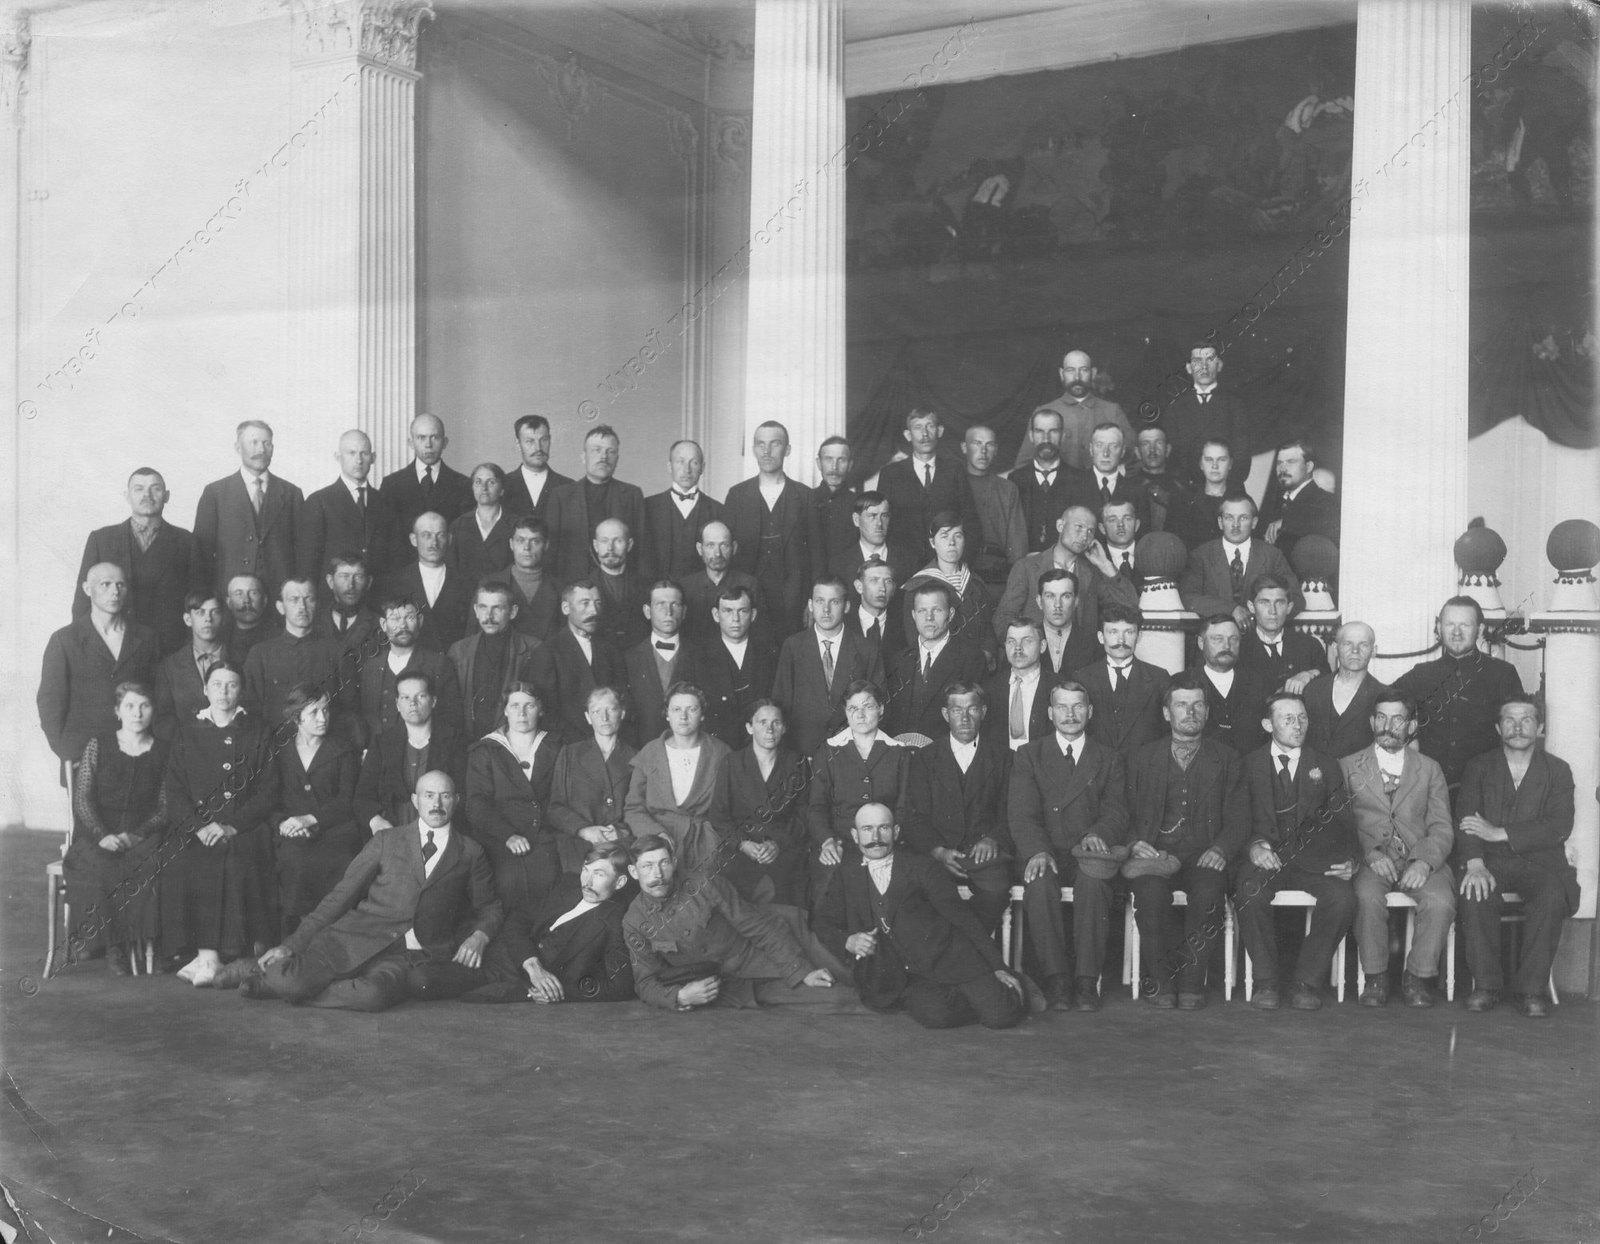 1919. Эстонская делегация с группой работников Совета профессиональных Союзов во Дворце труда